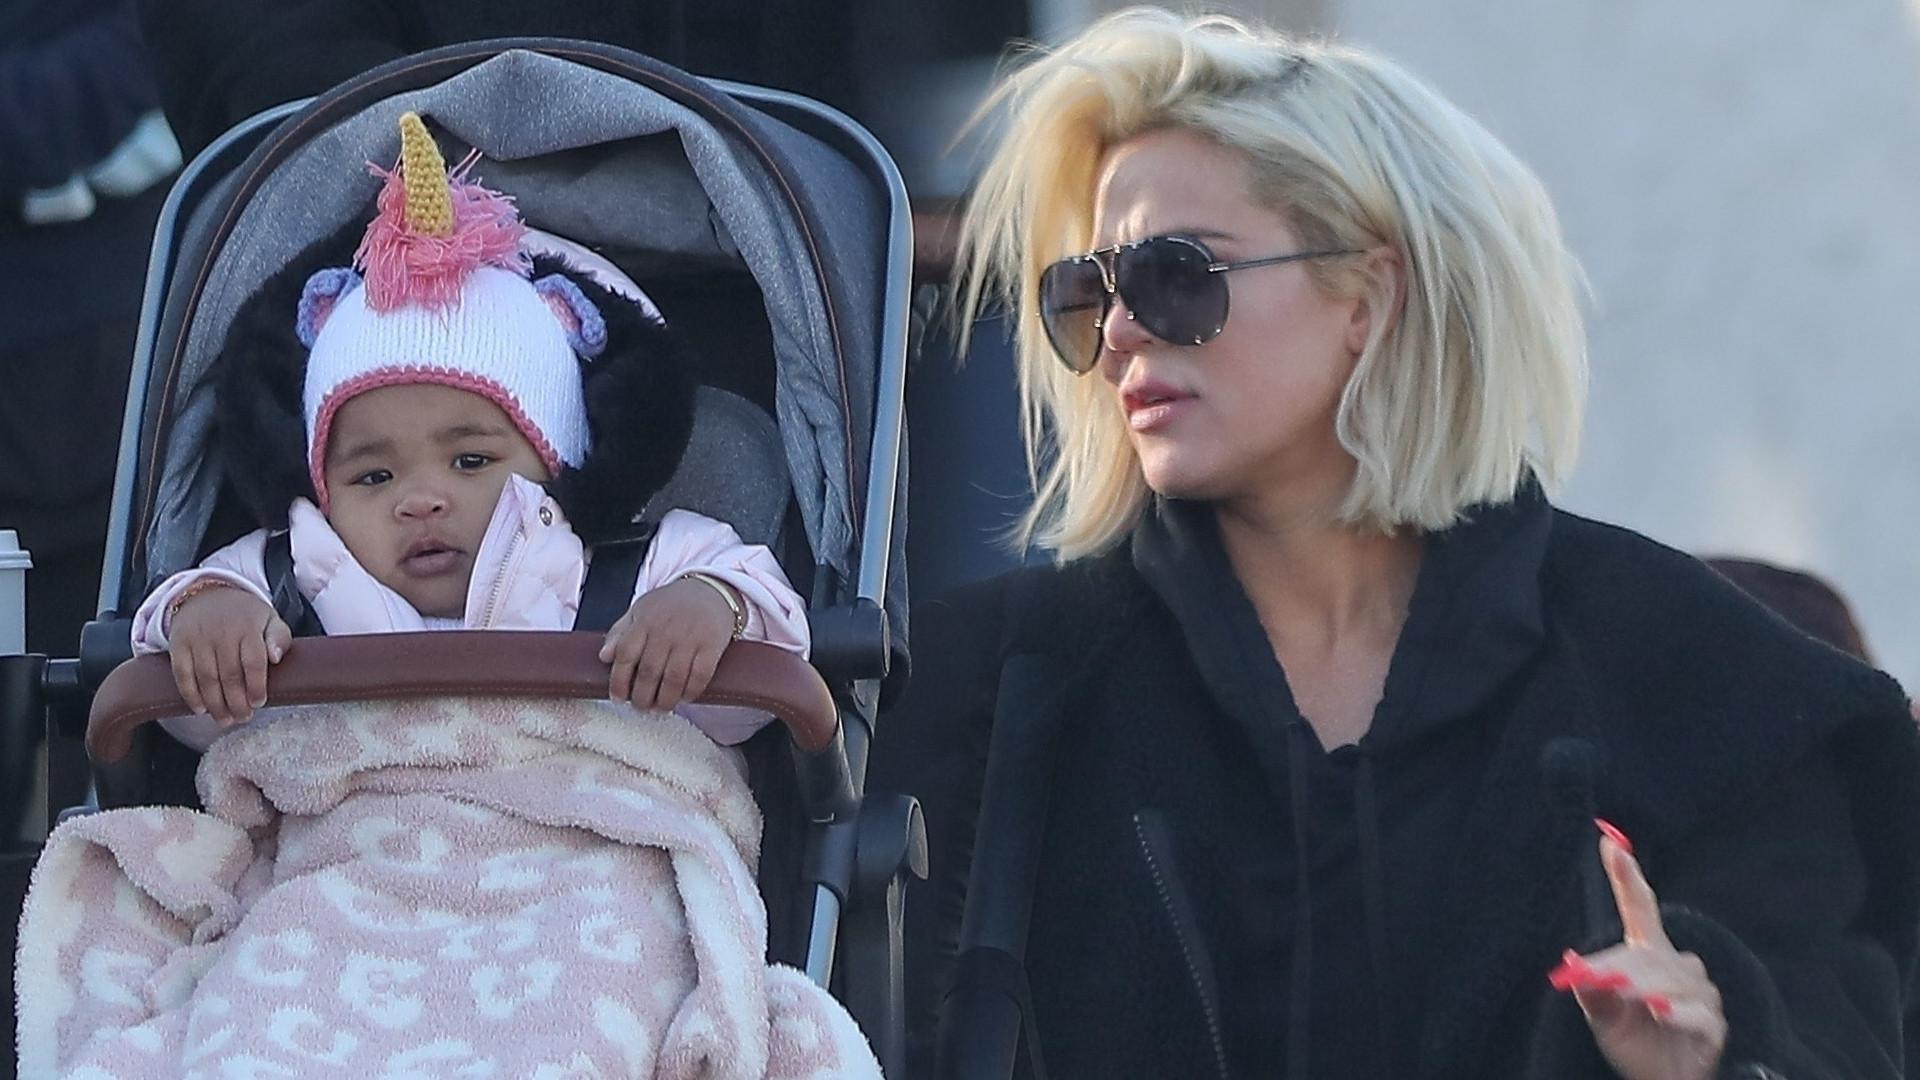 Khloe Kardashian z córką True na spacerze – bez filtrów i pozowania (ZDJĘCIA)